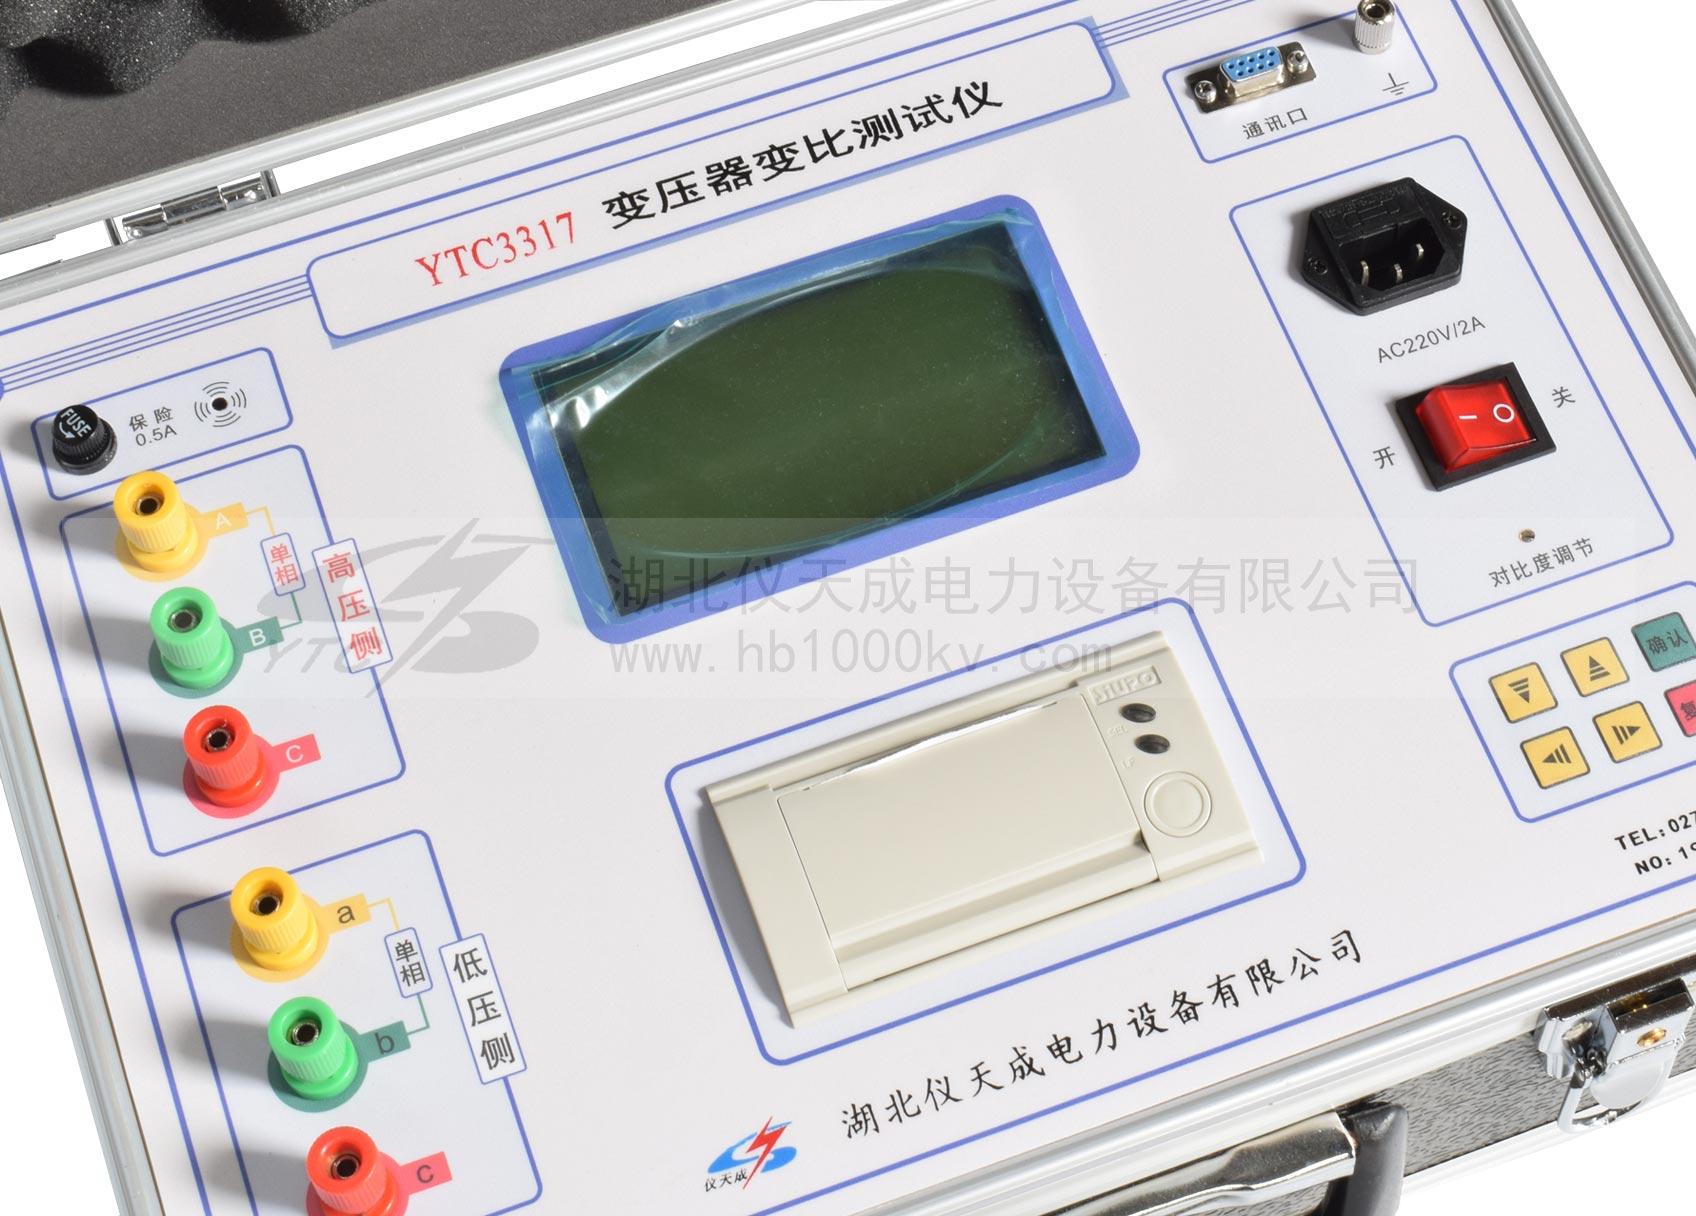 YTC3317全自动变比组别测试仪面板